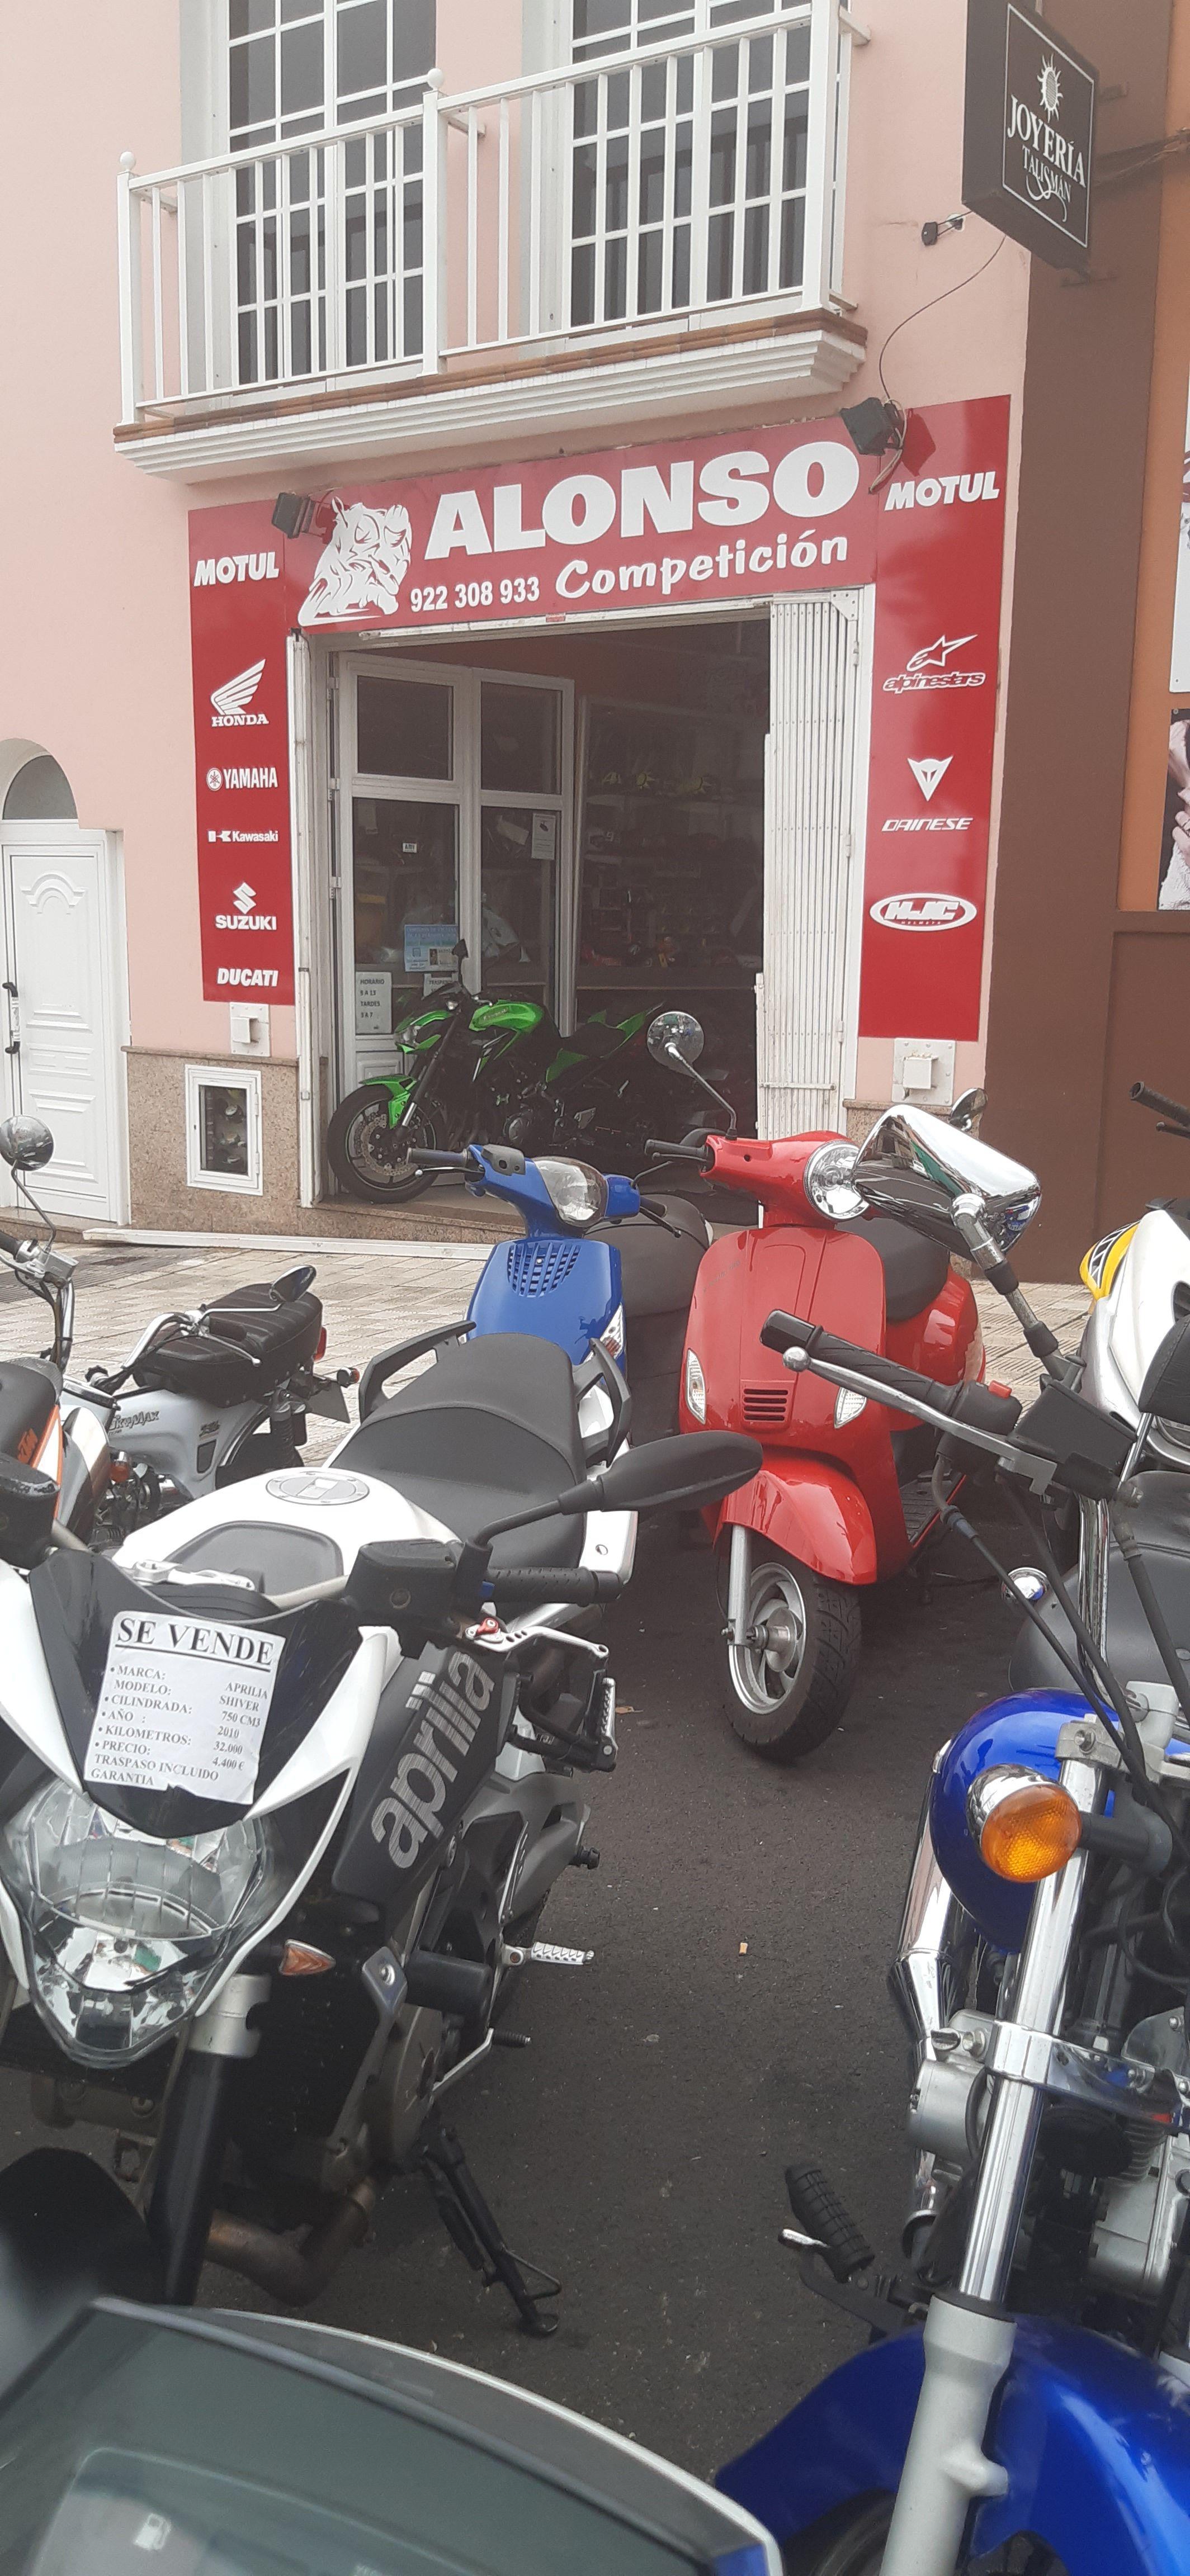 Foto 4 de Motos en La Orotava   Alonso Competición